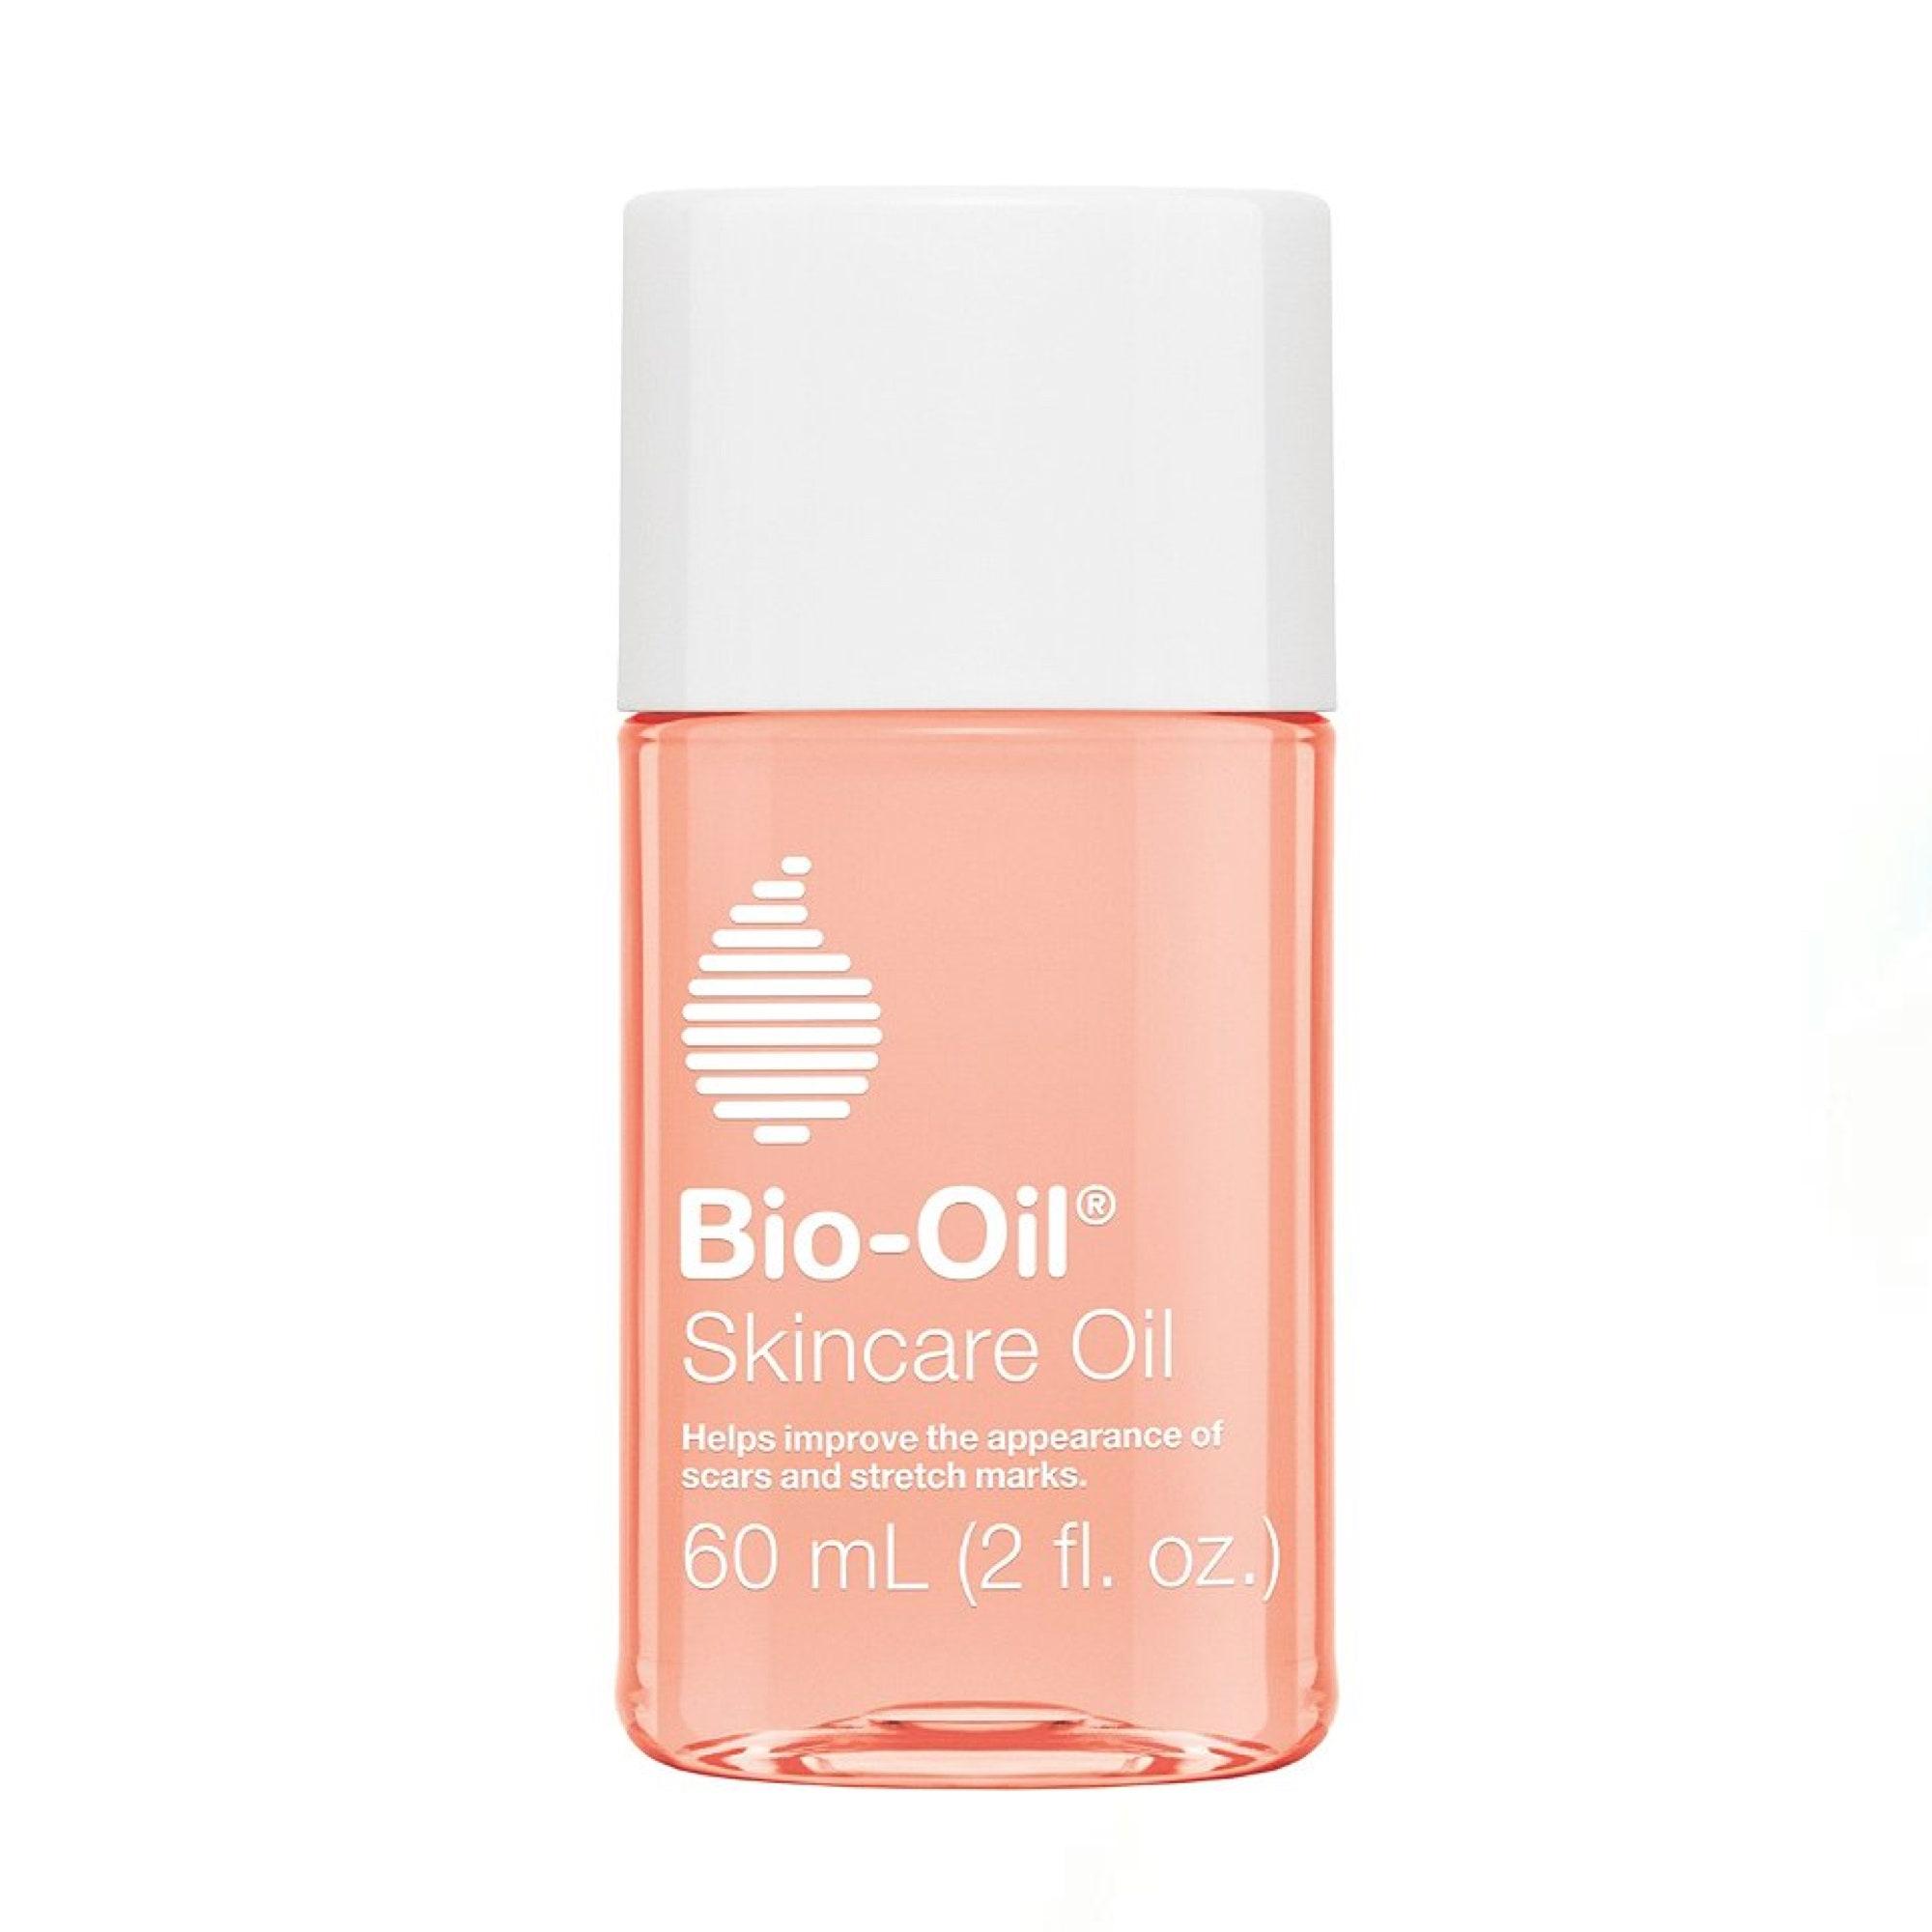 bottle of skincare oil